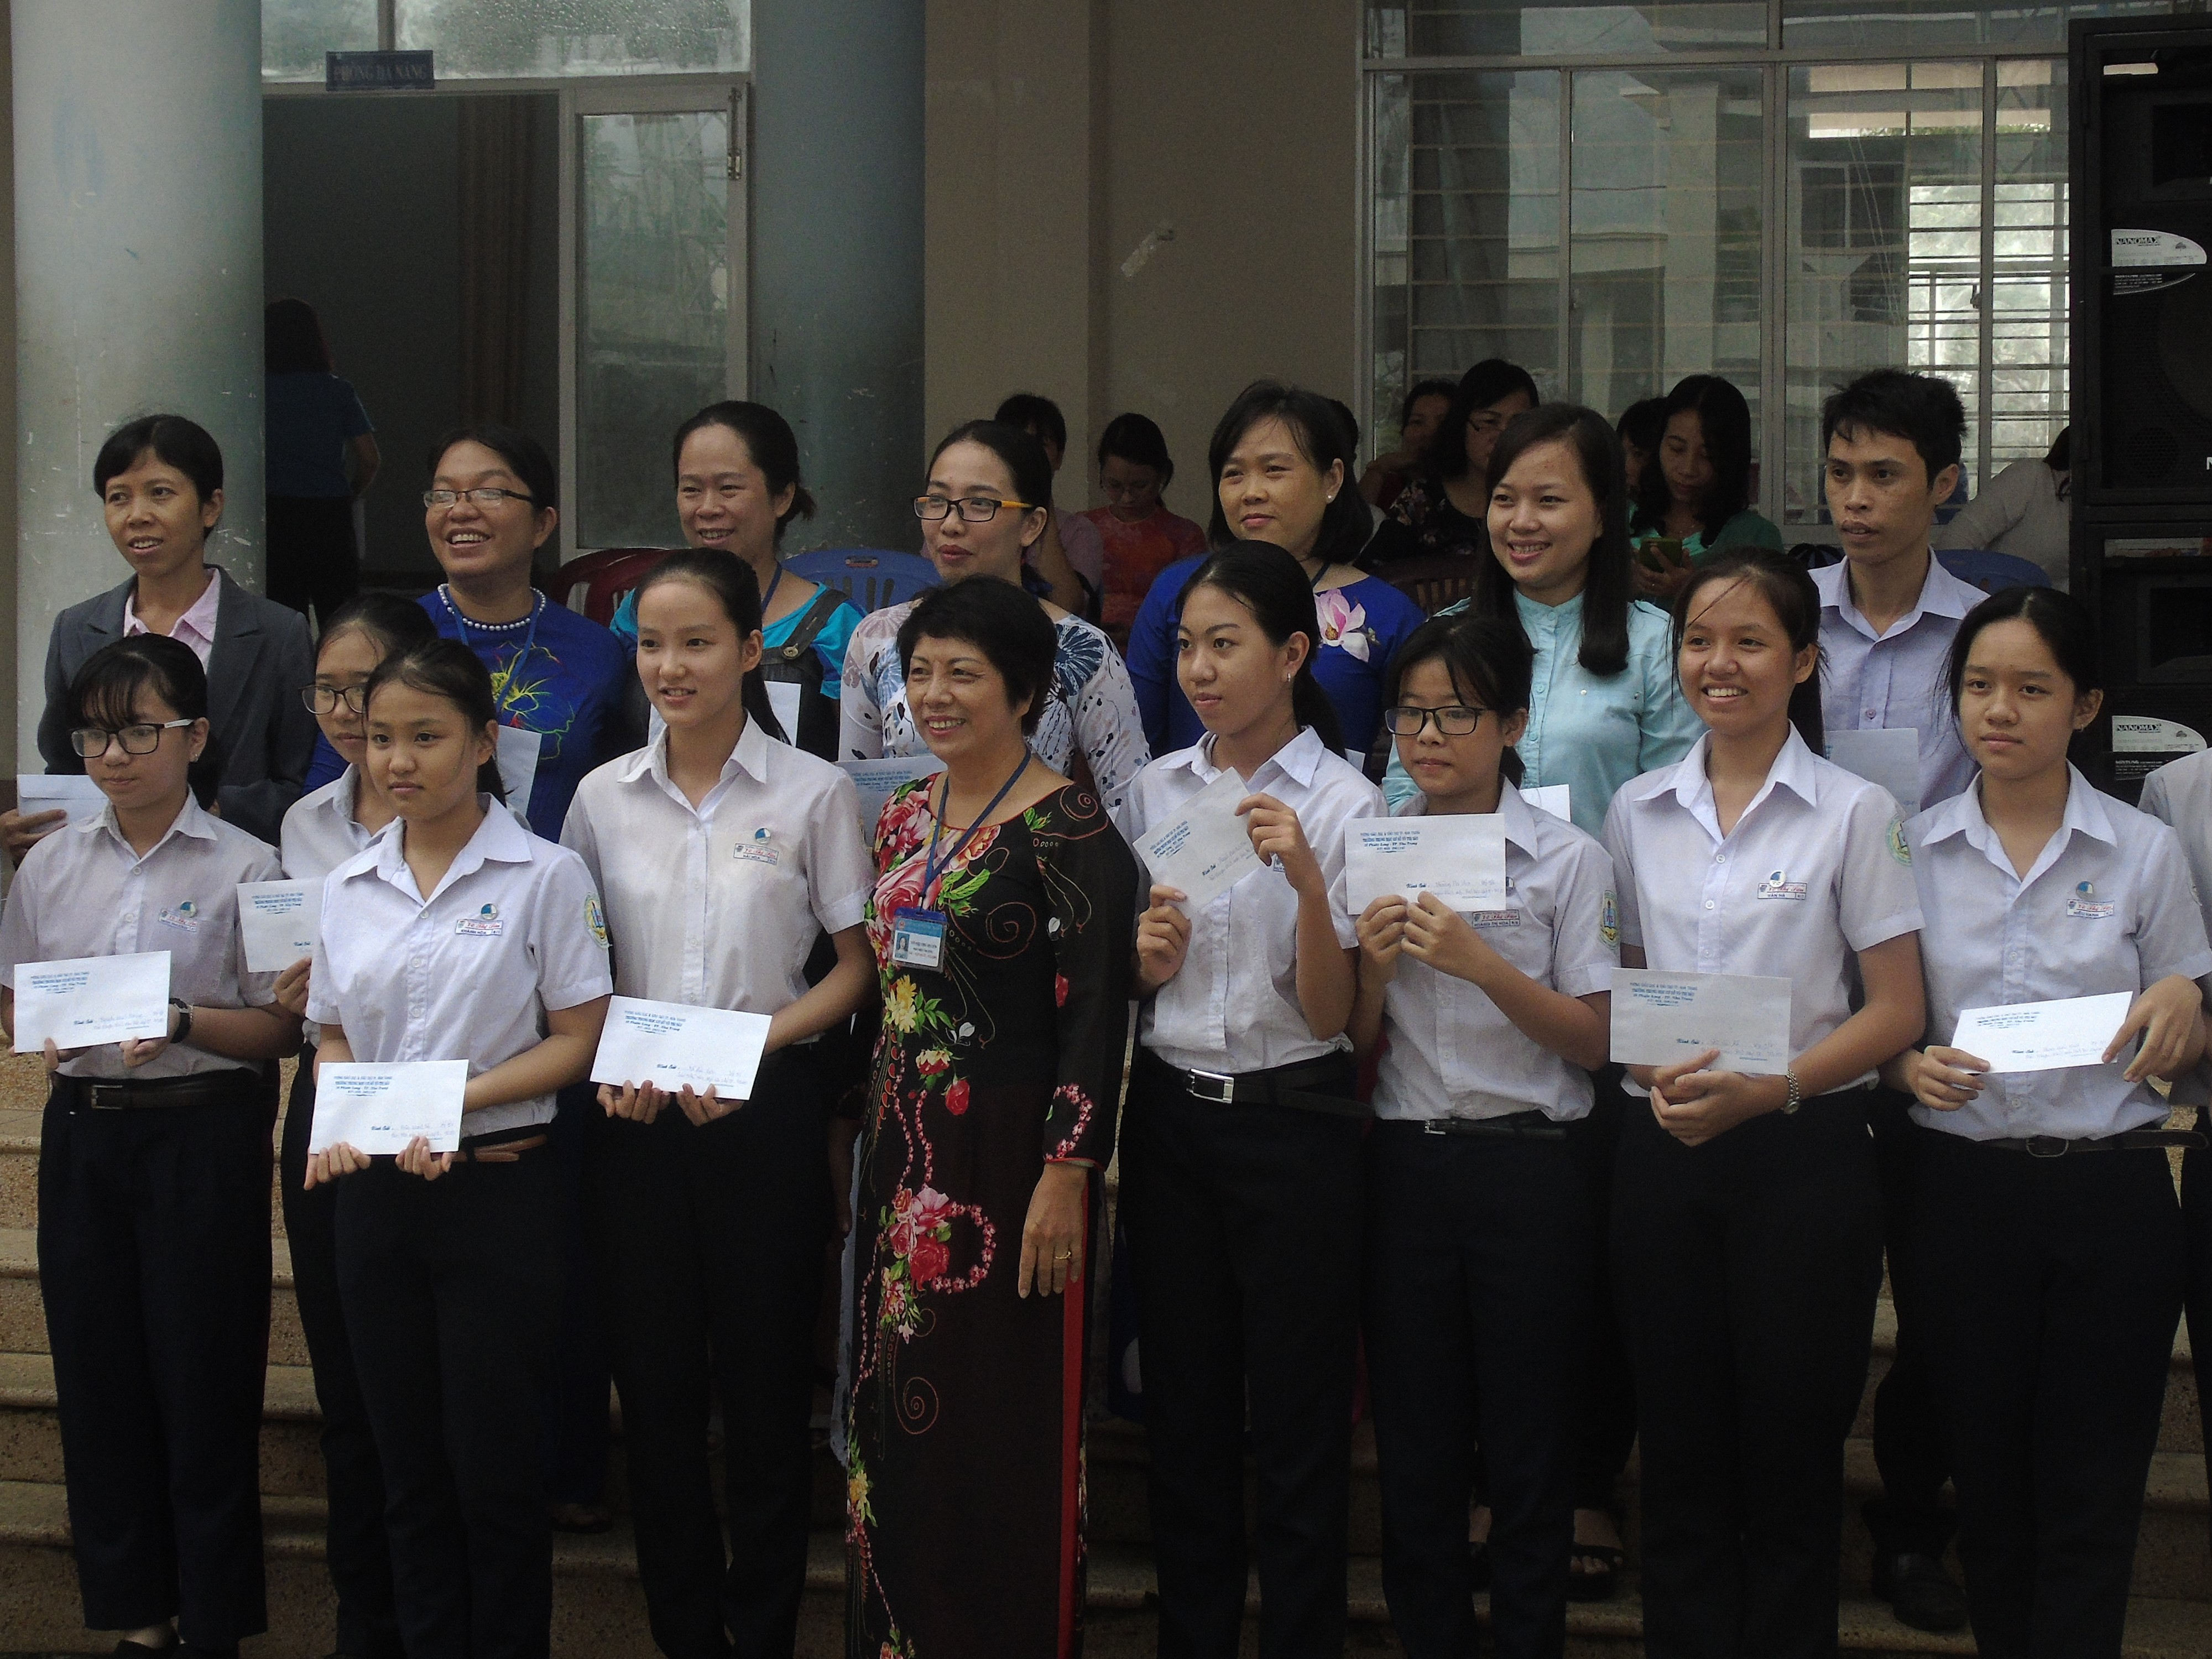 Tin phát thưởng cho giáo viên, học sinh có thành tích trong kì thi học sinh giỏi cấp thành phố và tặng quà học sinh có gia đình bị thiệt hại trong cơn bão số 12